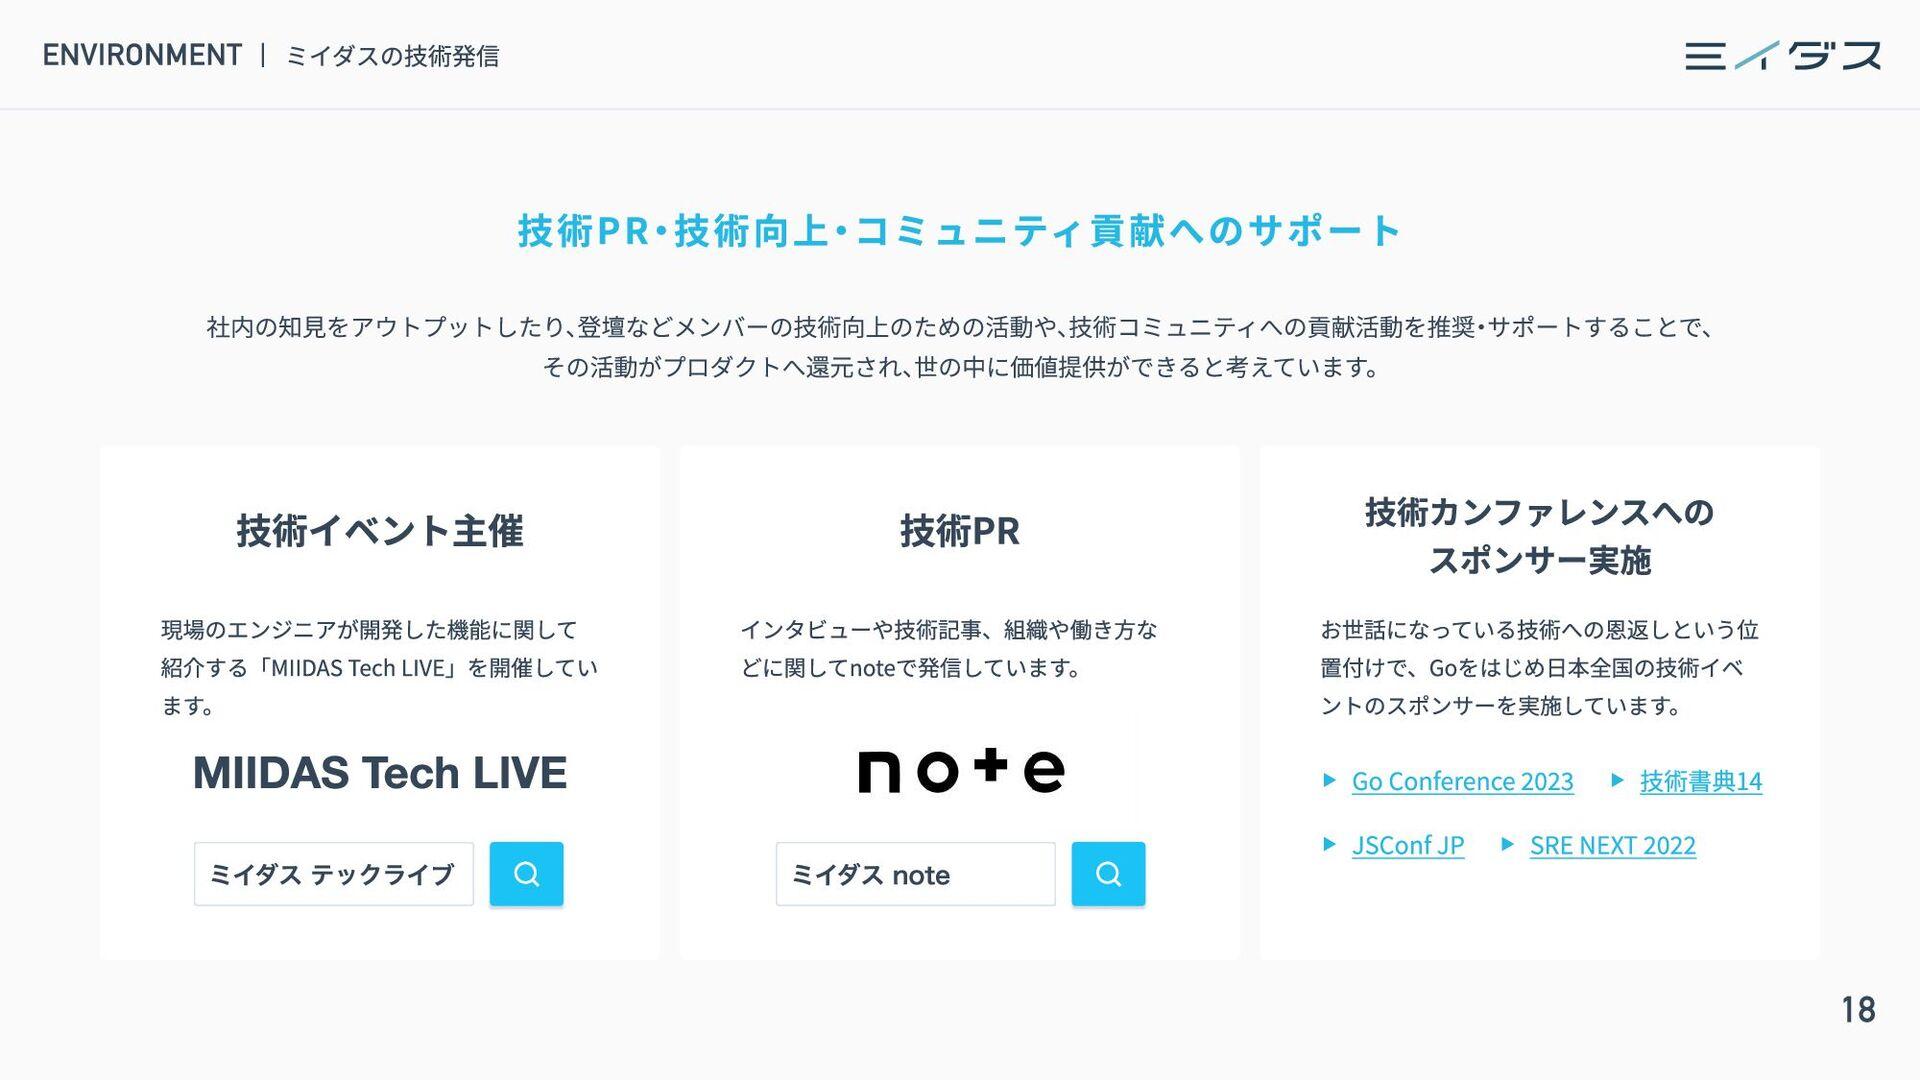 19 CONTENTS INTRODUCE ミイダス株式会社について 4 PRODUCT ミイ...